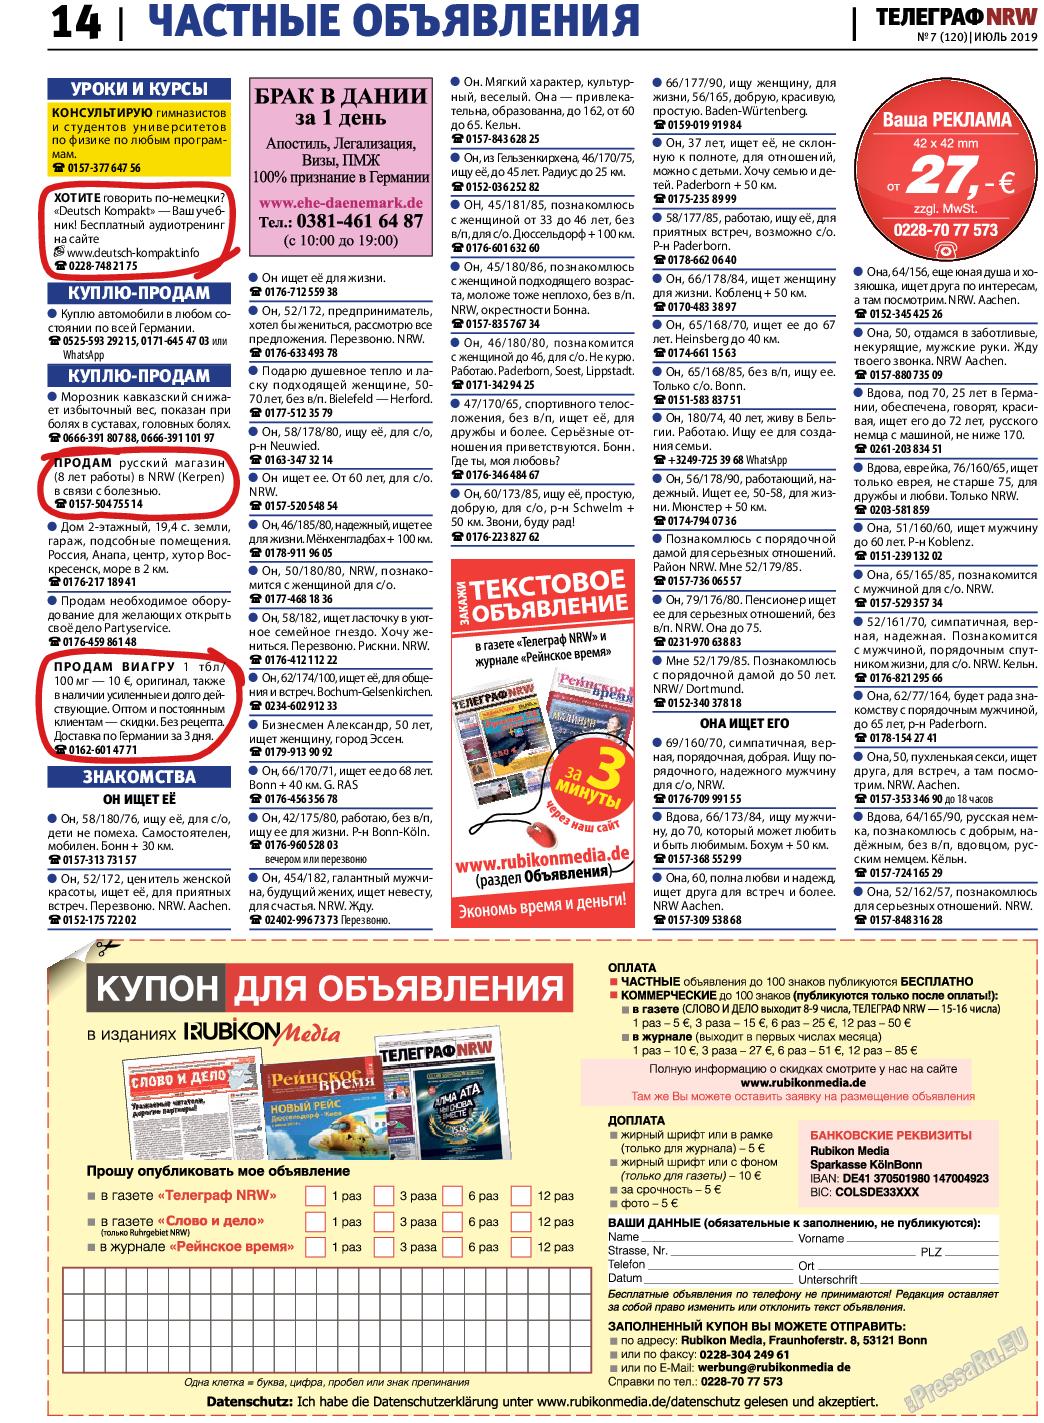 Телеграф NRW (газета). 2019 год, номер 7, стр. 14